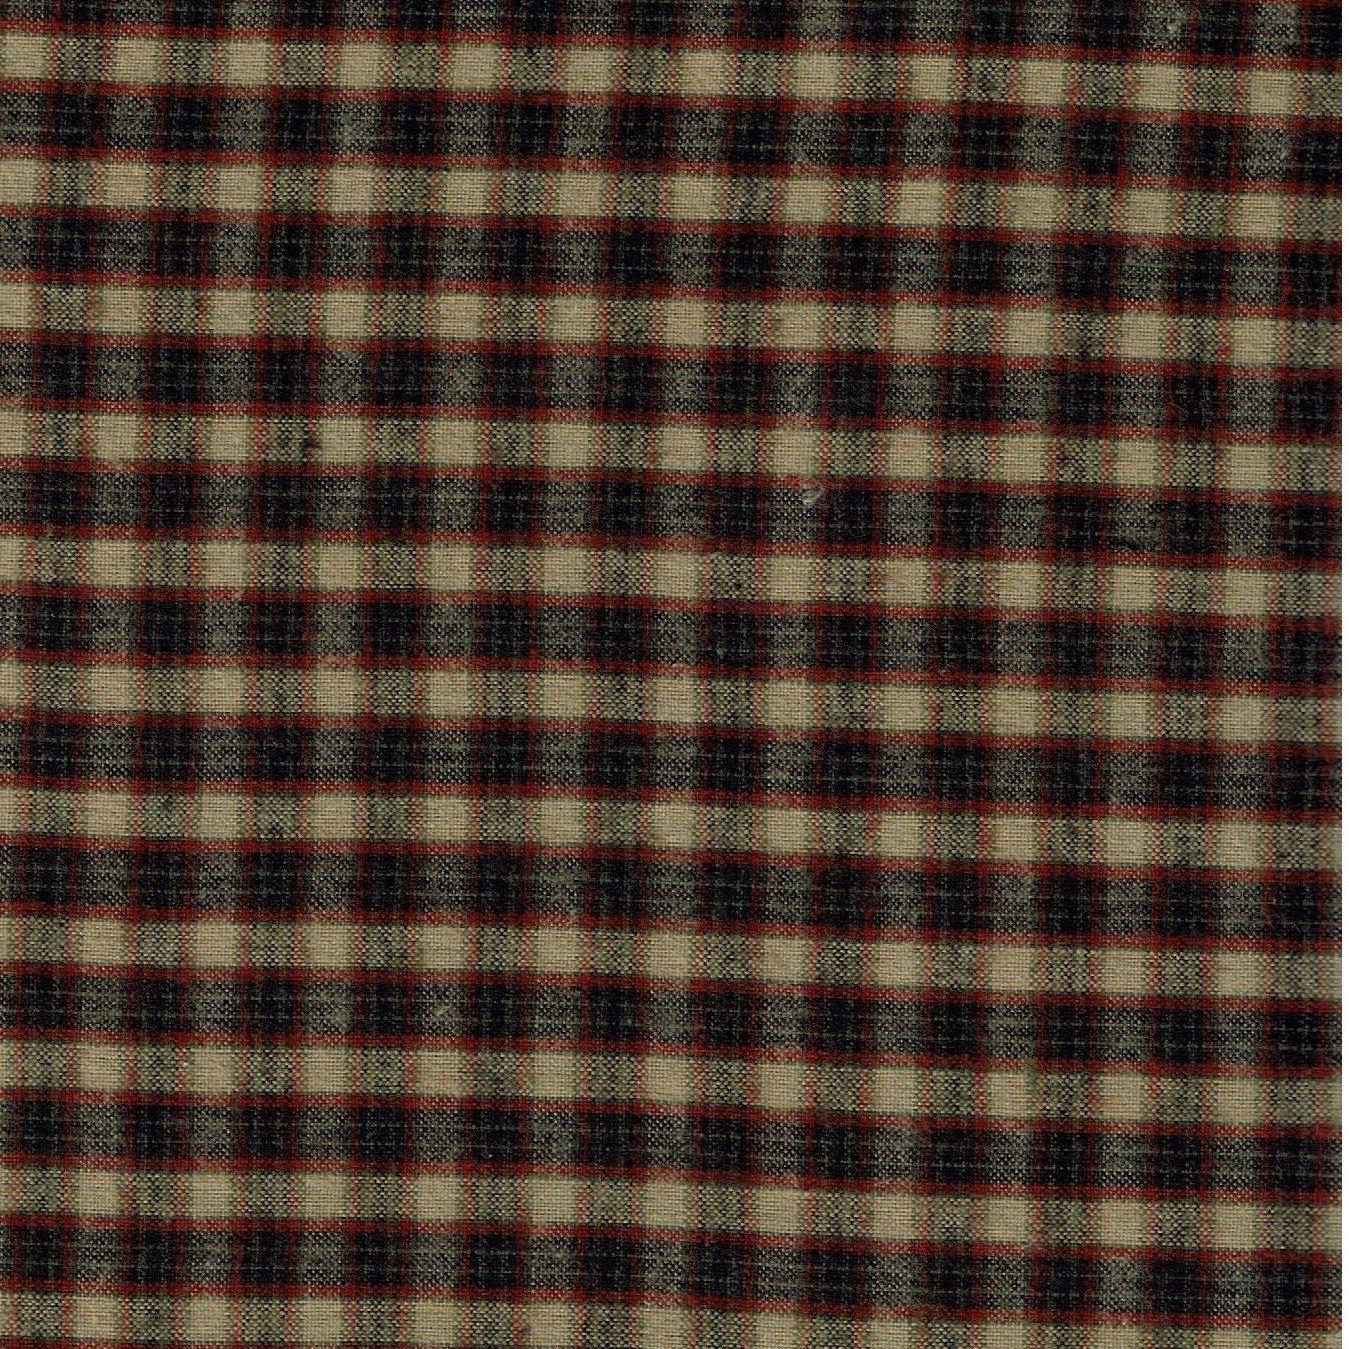 *8* 617  YDF-710 Rustic Impressions  Yarn Dyed Flannel